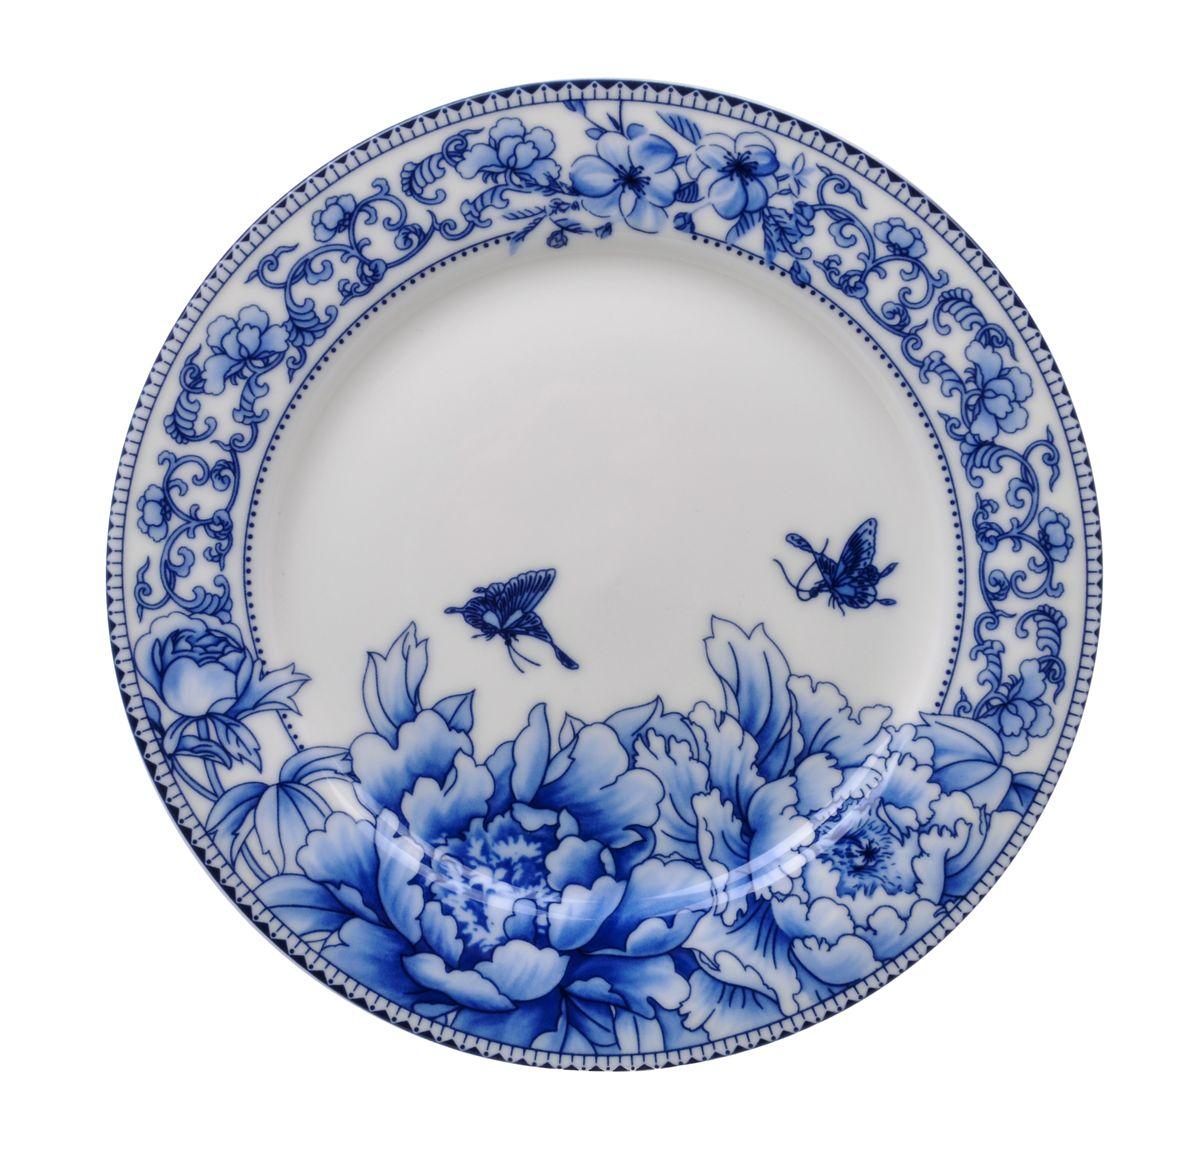 Тарелка десертная Nanshan Porcelain Наньшань, диаметр 19 смGNNSNN007Тарелка десертная Nanshan Porcelain Наньшань изготовлена из высококачественной керамики. Предназначена для красивой подачи различных блюд. Изделие украшено ярким рисунком. Такая тарелка украсит сервировку стола и подчеркнет прекрасный вкус хозяйки. Можно мыть в посудомоечной машине и использовать в микроволновой печи. Диаметр: 19 см. Высота: 1,5 см.